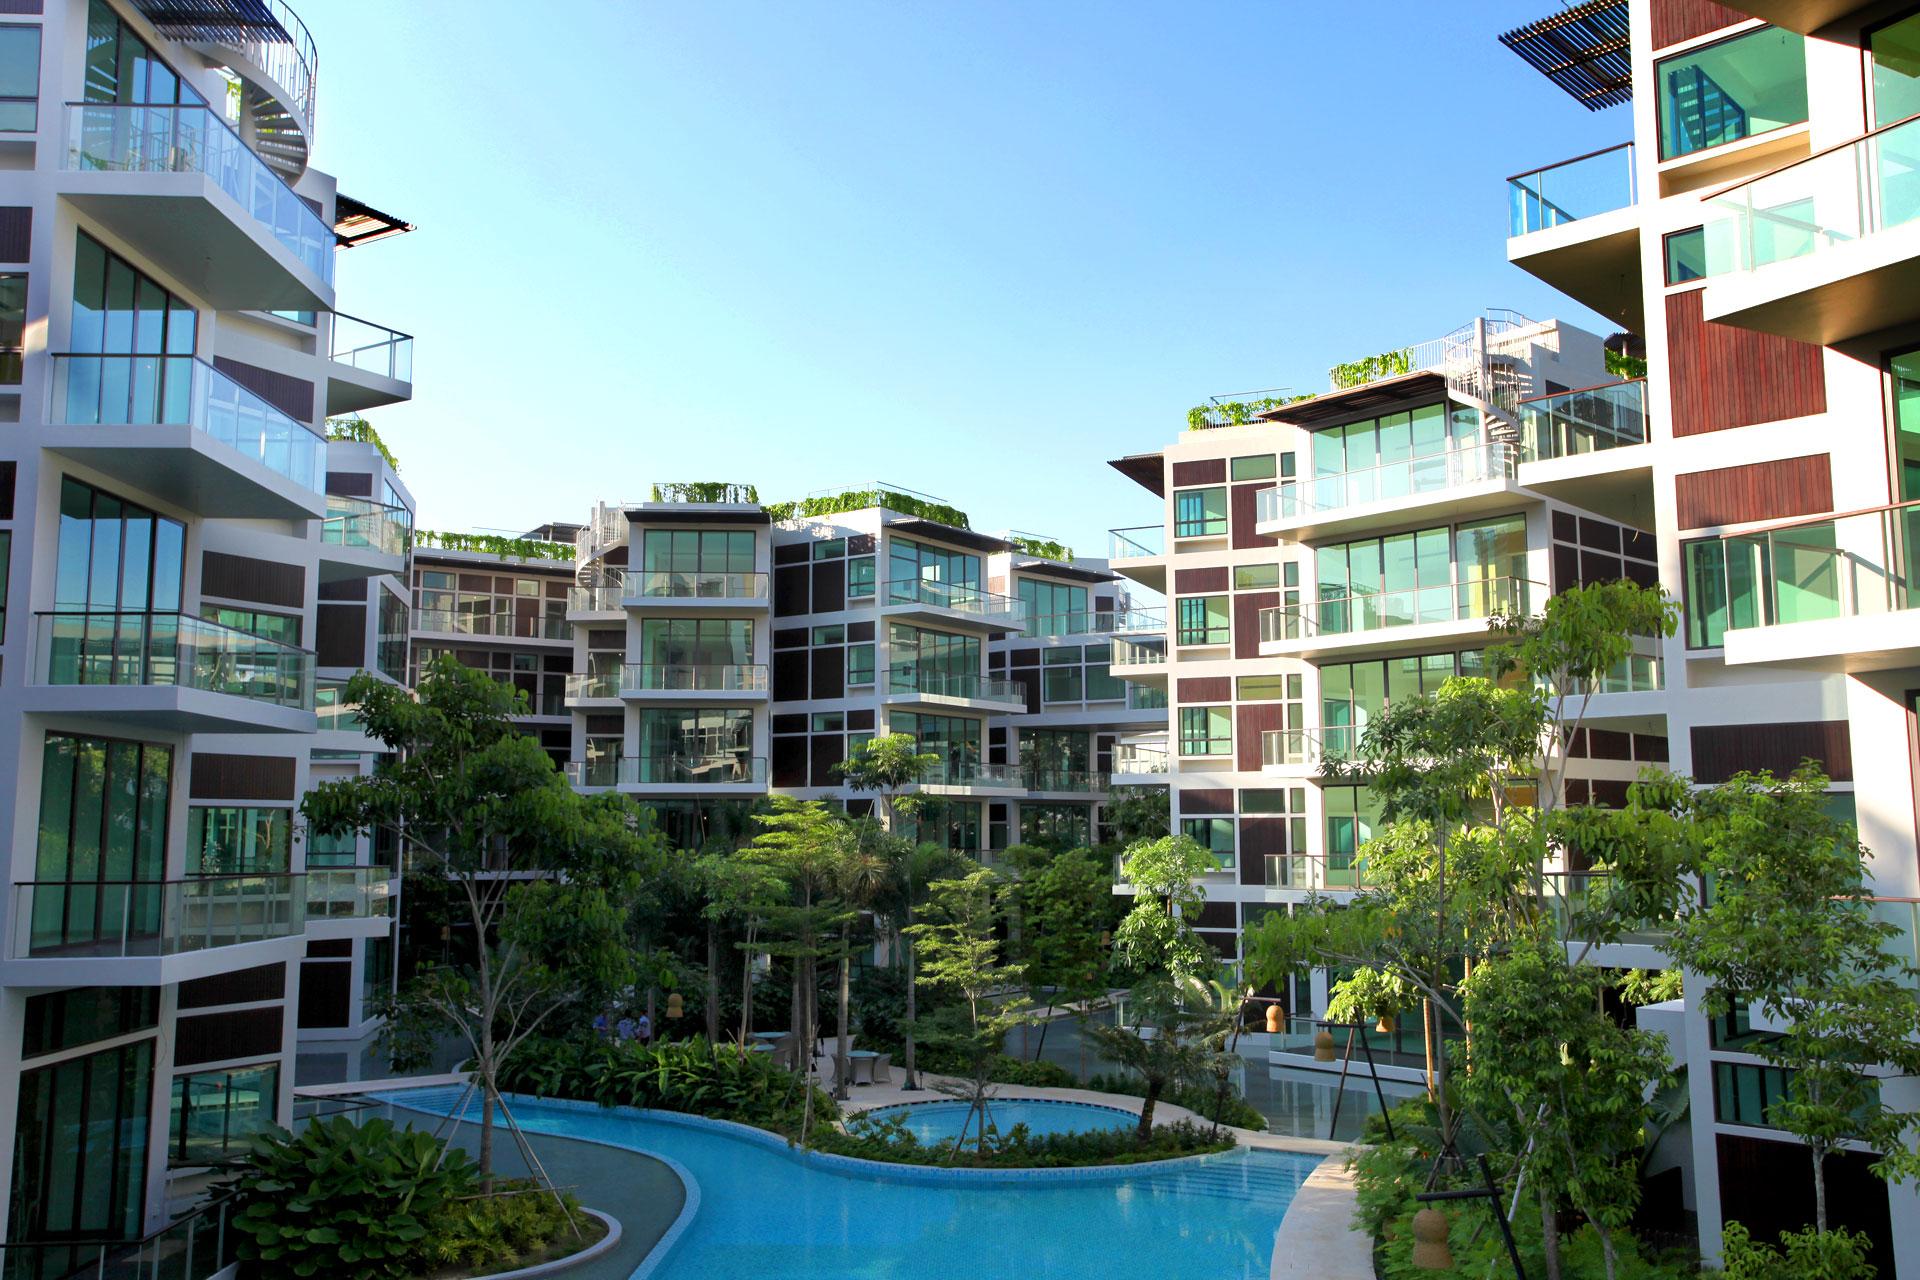 Condominium to rent in Belle Vue 33 Oxley Walk